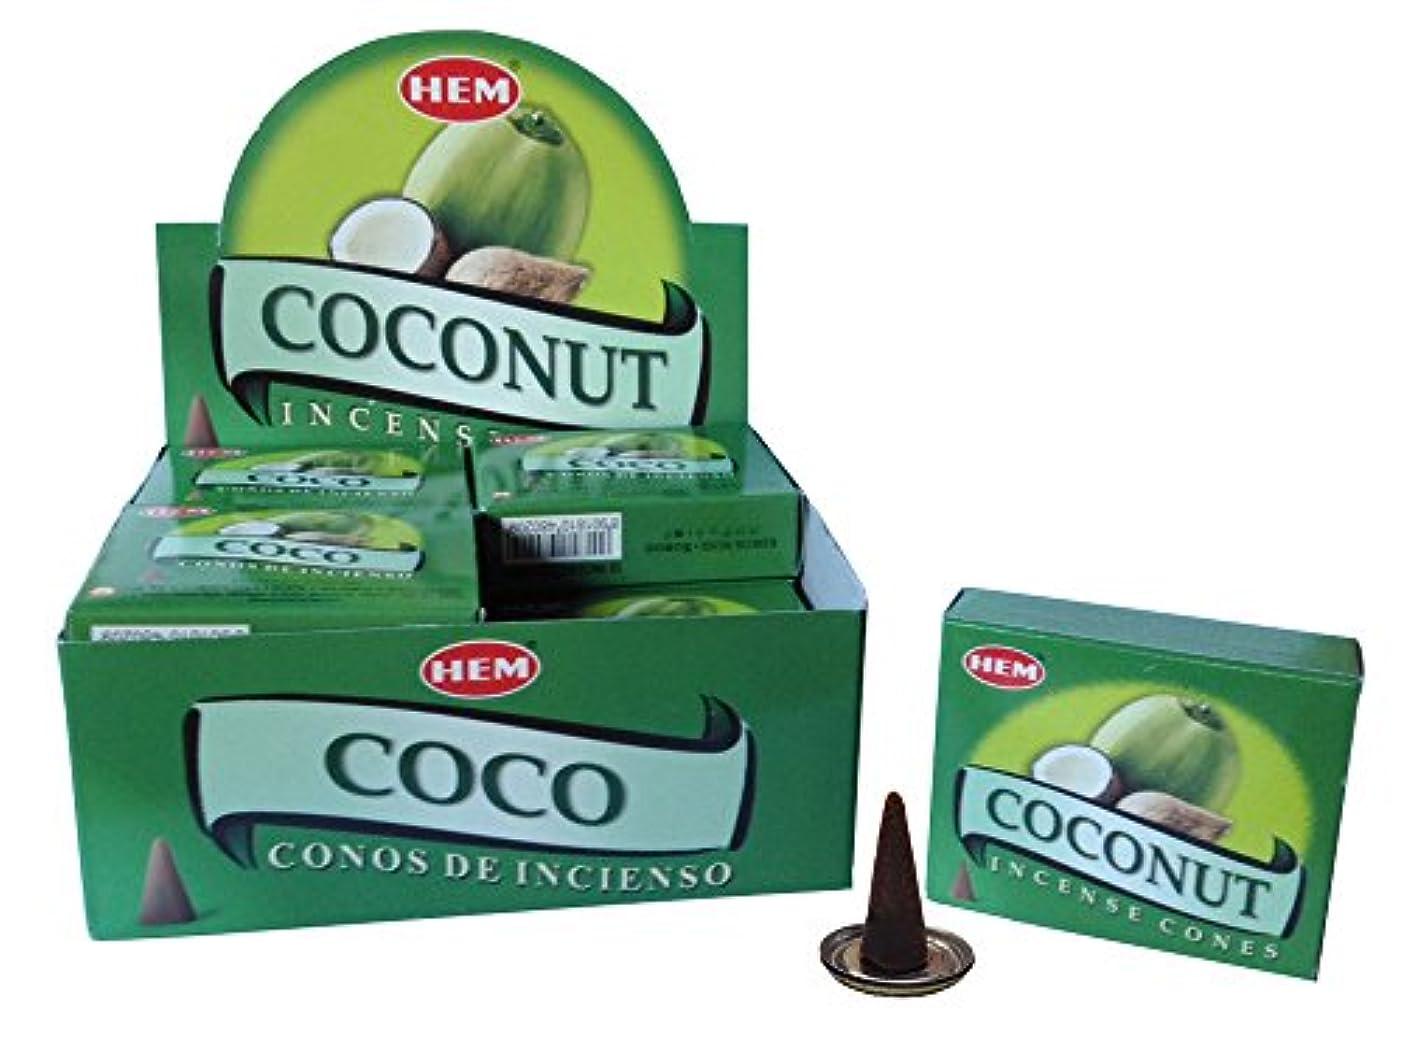 説得成長するHEM ココナッツ コーン 12個セット